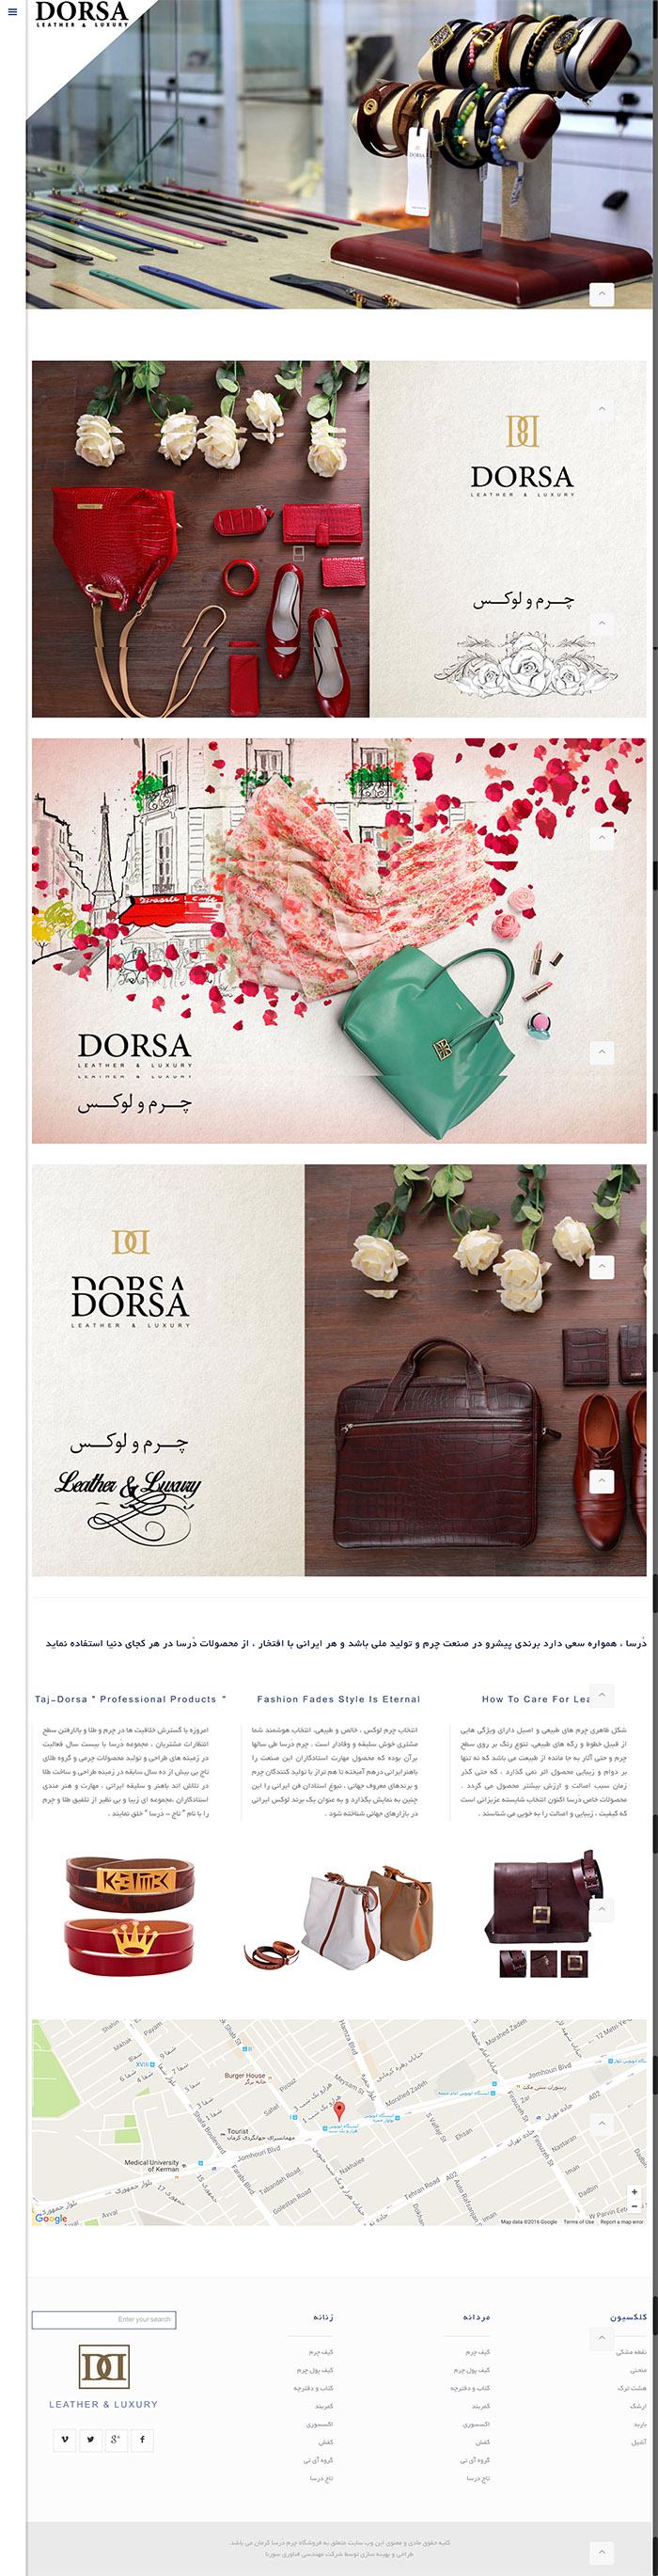 طراحی سایت چرم درسا توسط شرکت طراحی سایت سورنا در کرمان